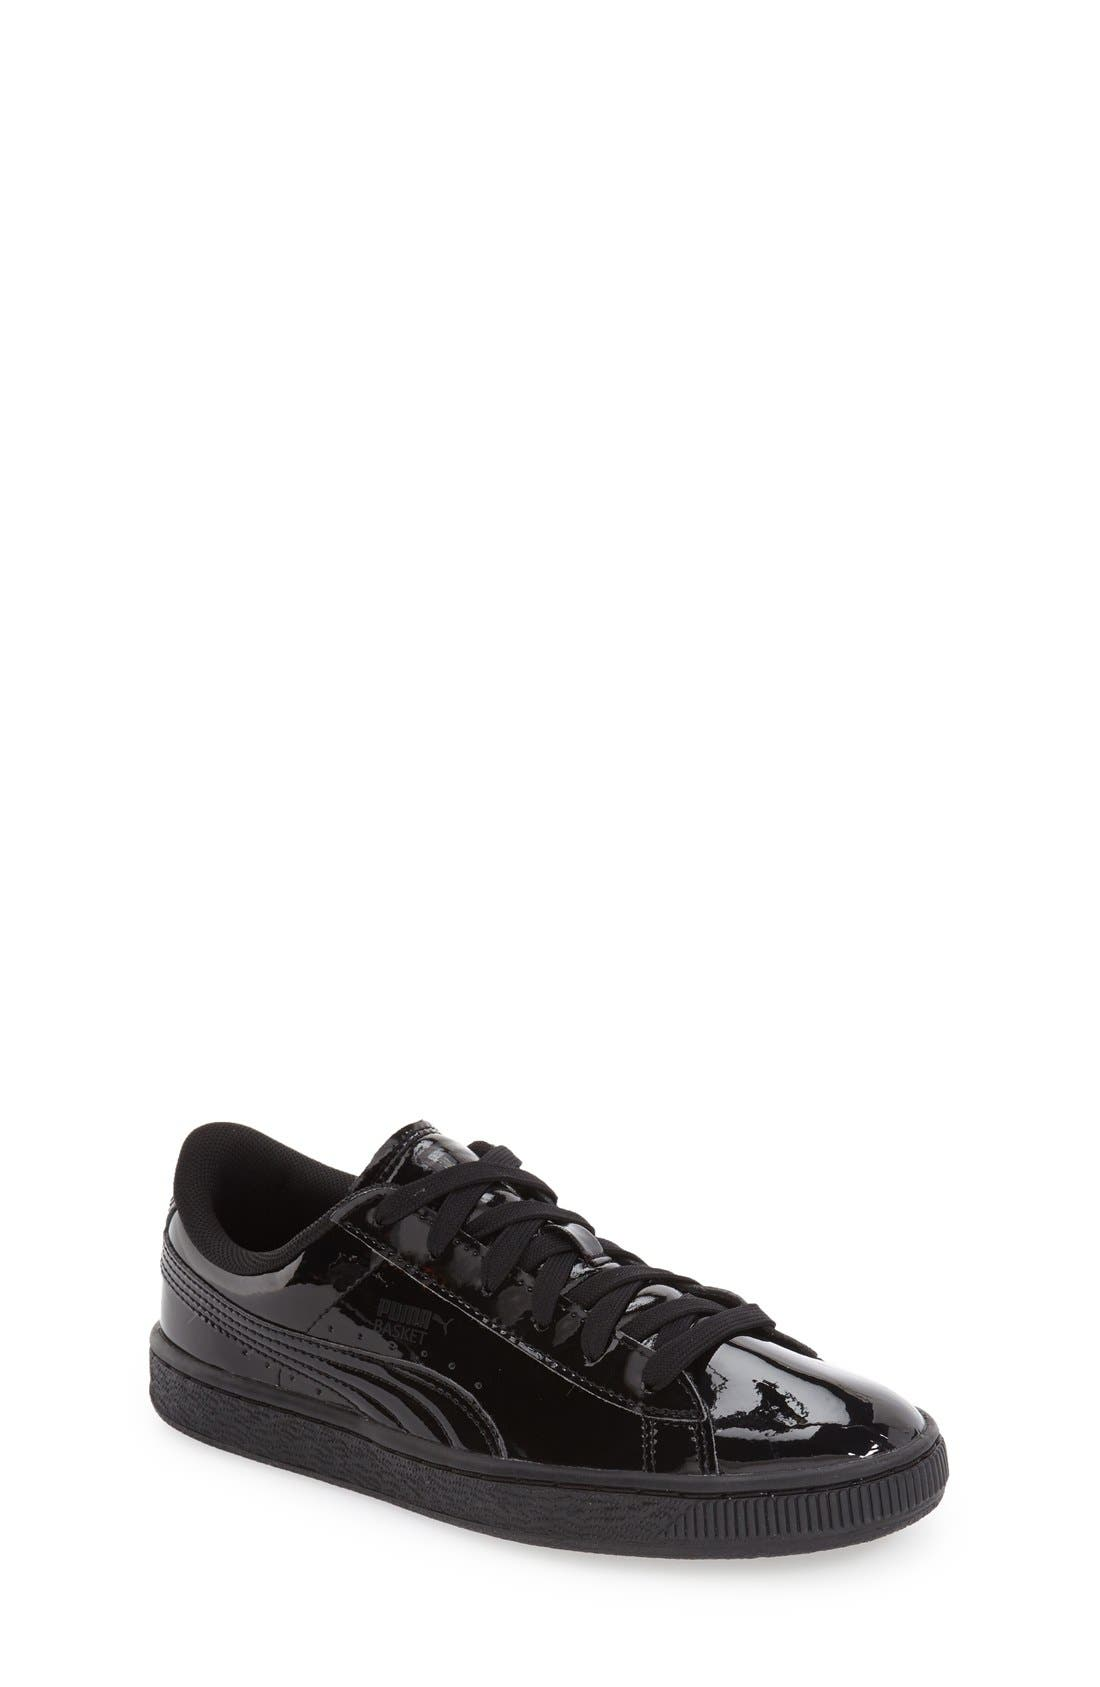 Alternate Image 1 Selected - PUMA 'Basket Classic' Sneaker (Big Kid)